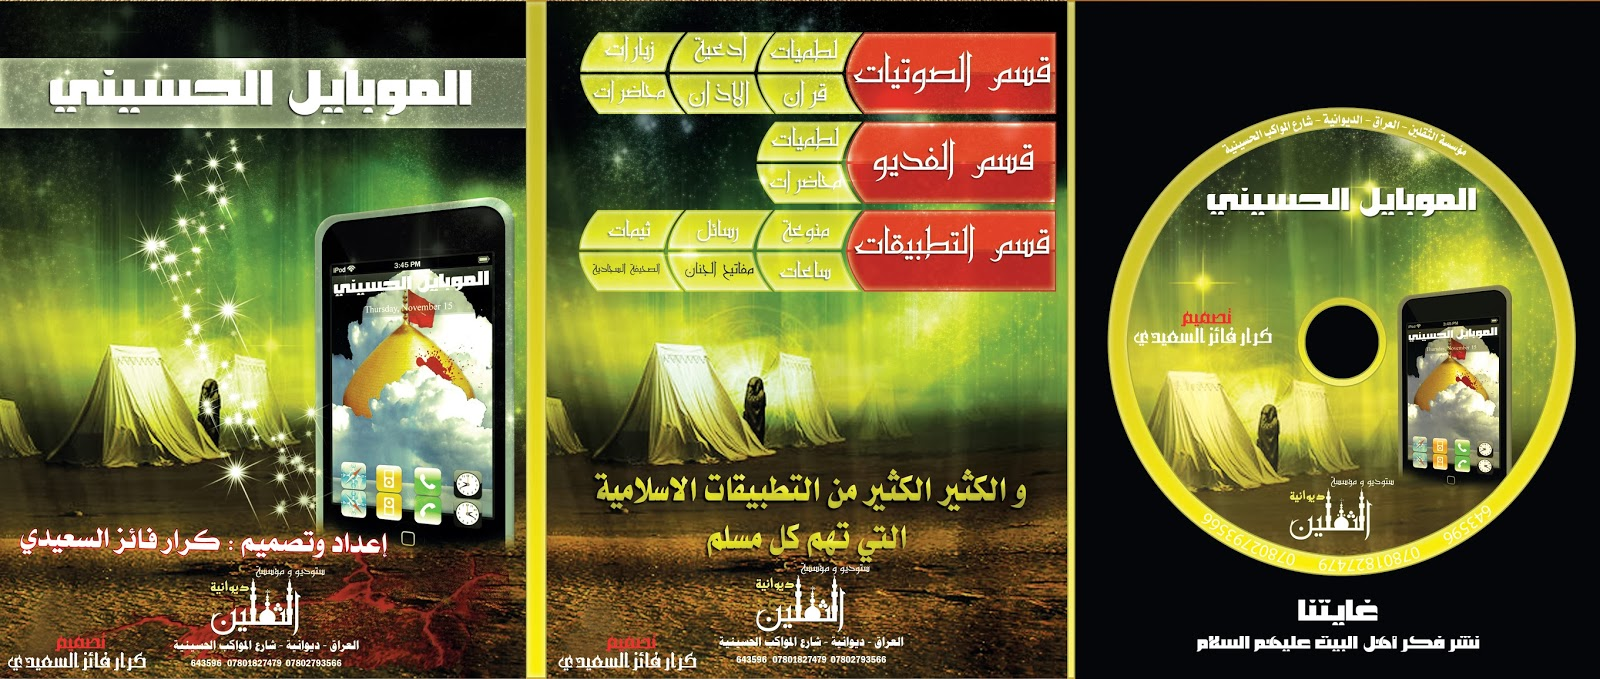 مـــوسوعة الموبايل الحسيني 2011